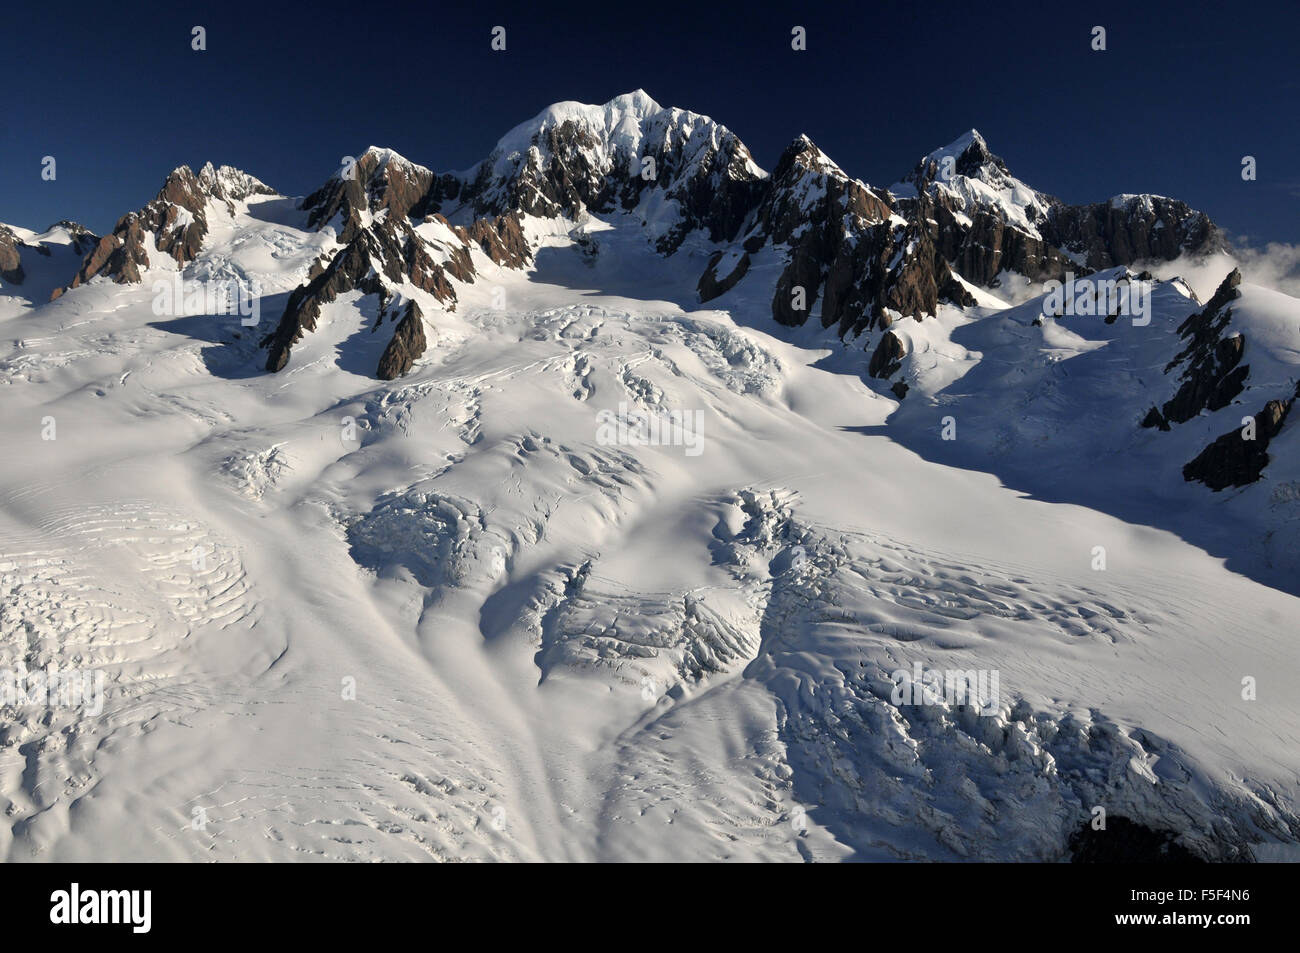 Ou l'Aoraki Mount Cook National Park, plus haut sommet de Nouvelle-Zélande, île du Sud, Nouvelle-Zélande Banque D'Images